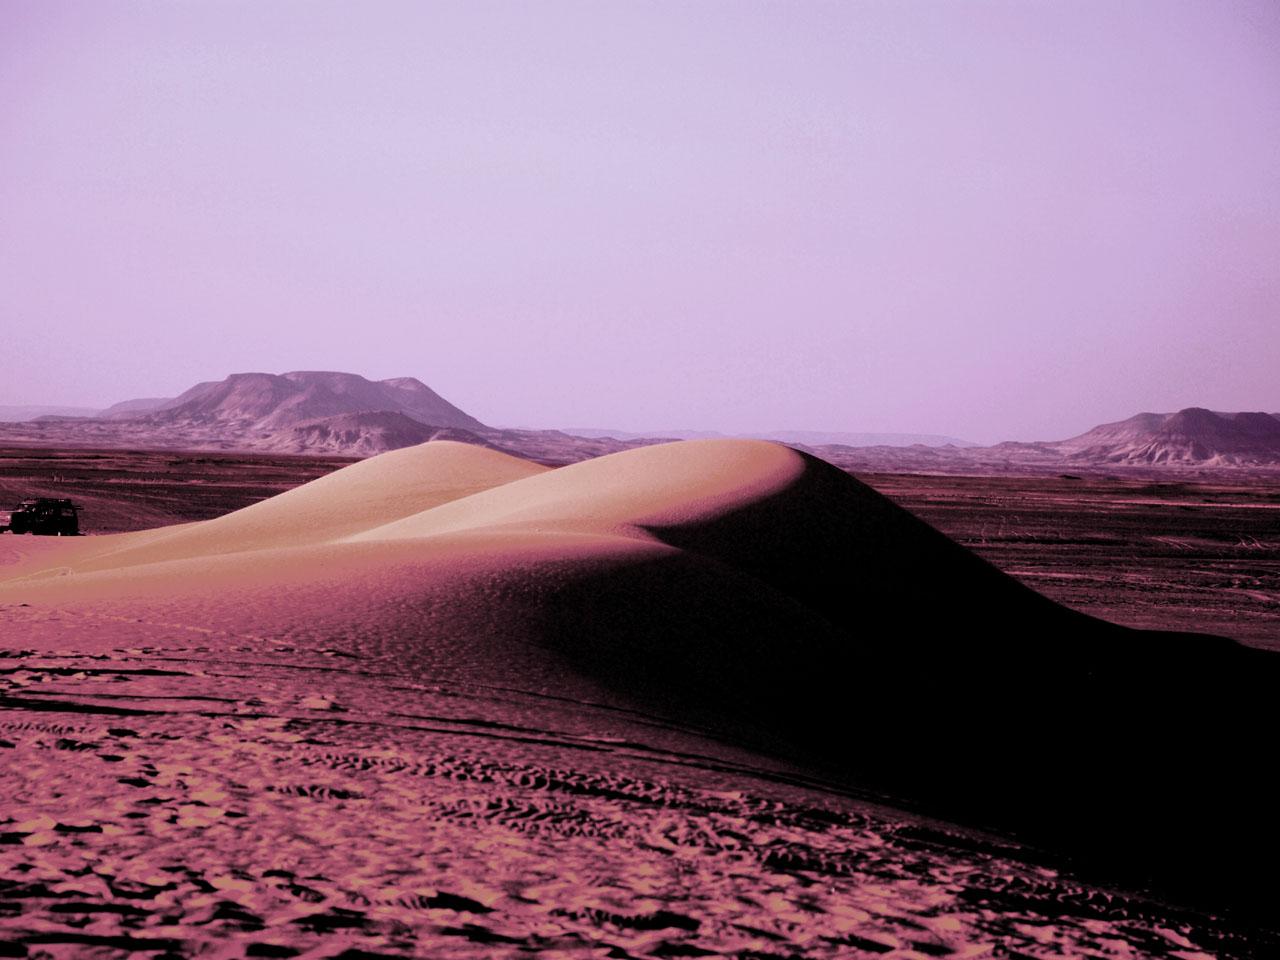 エジプト砂漠ツアー